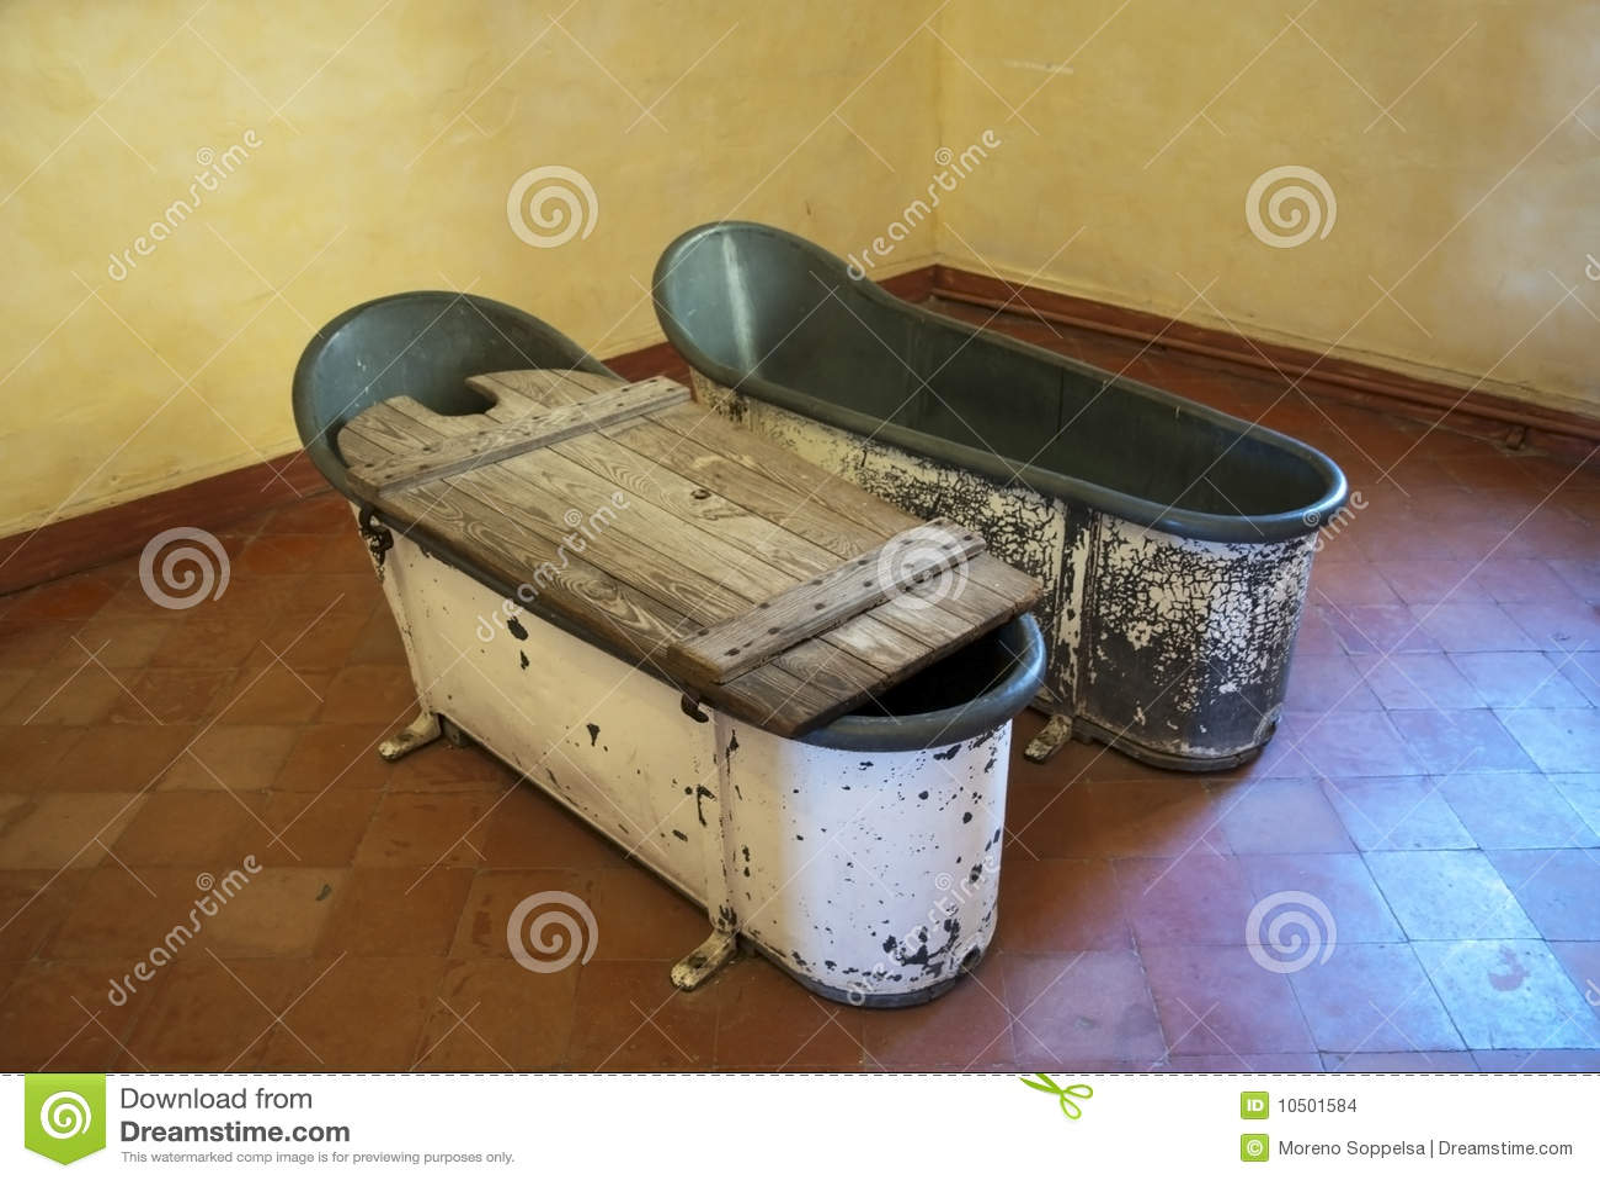 Vasca Da Bagno Usata : Le vasche da bagno metal vecchio fotografia stock immagine di